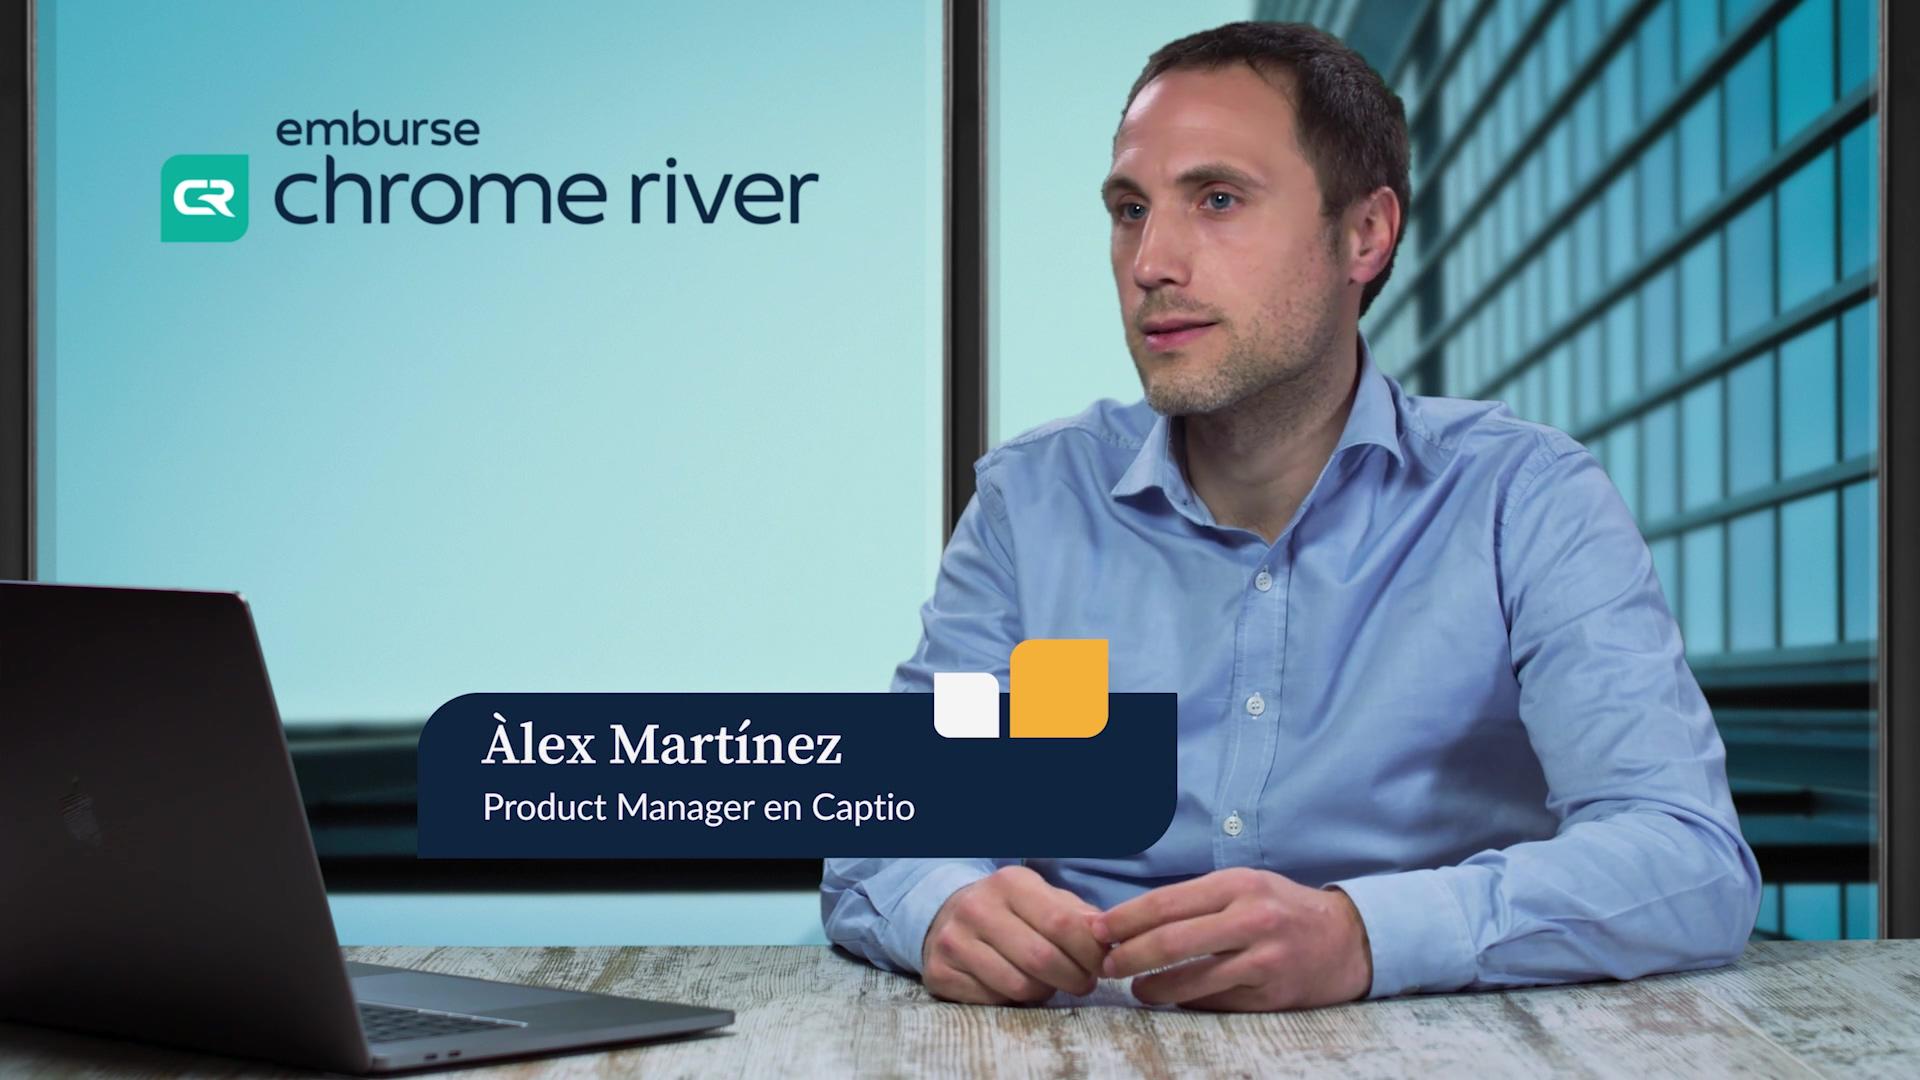 Chrome_River_Invoice_Alexandre_Martinez_resuelve_todas_tus_dudas